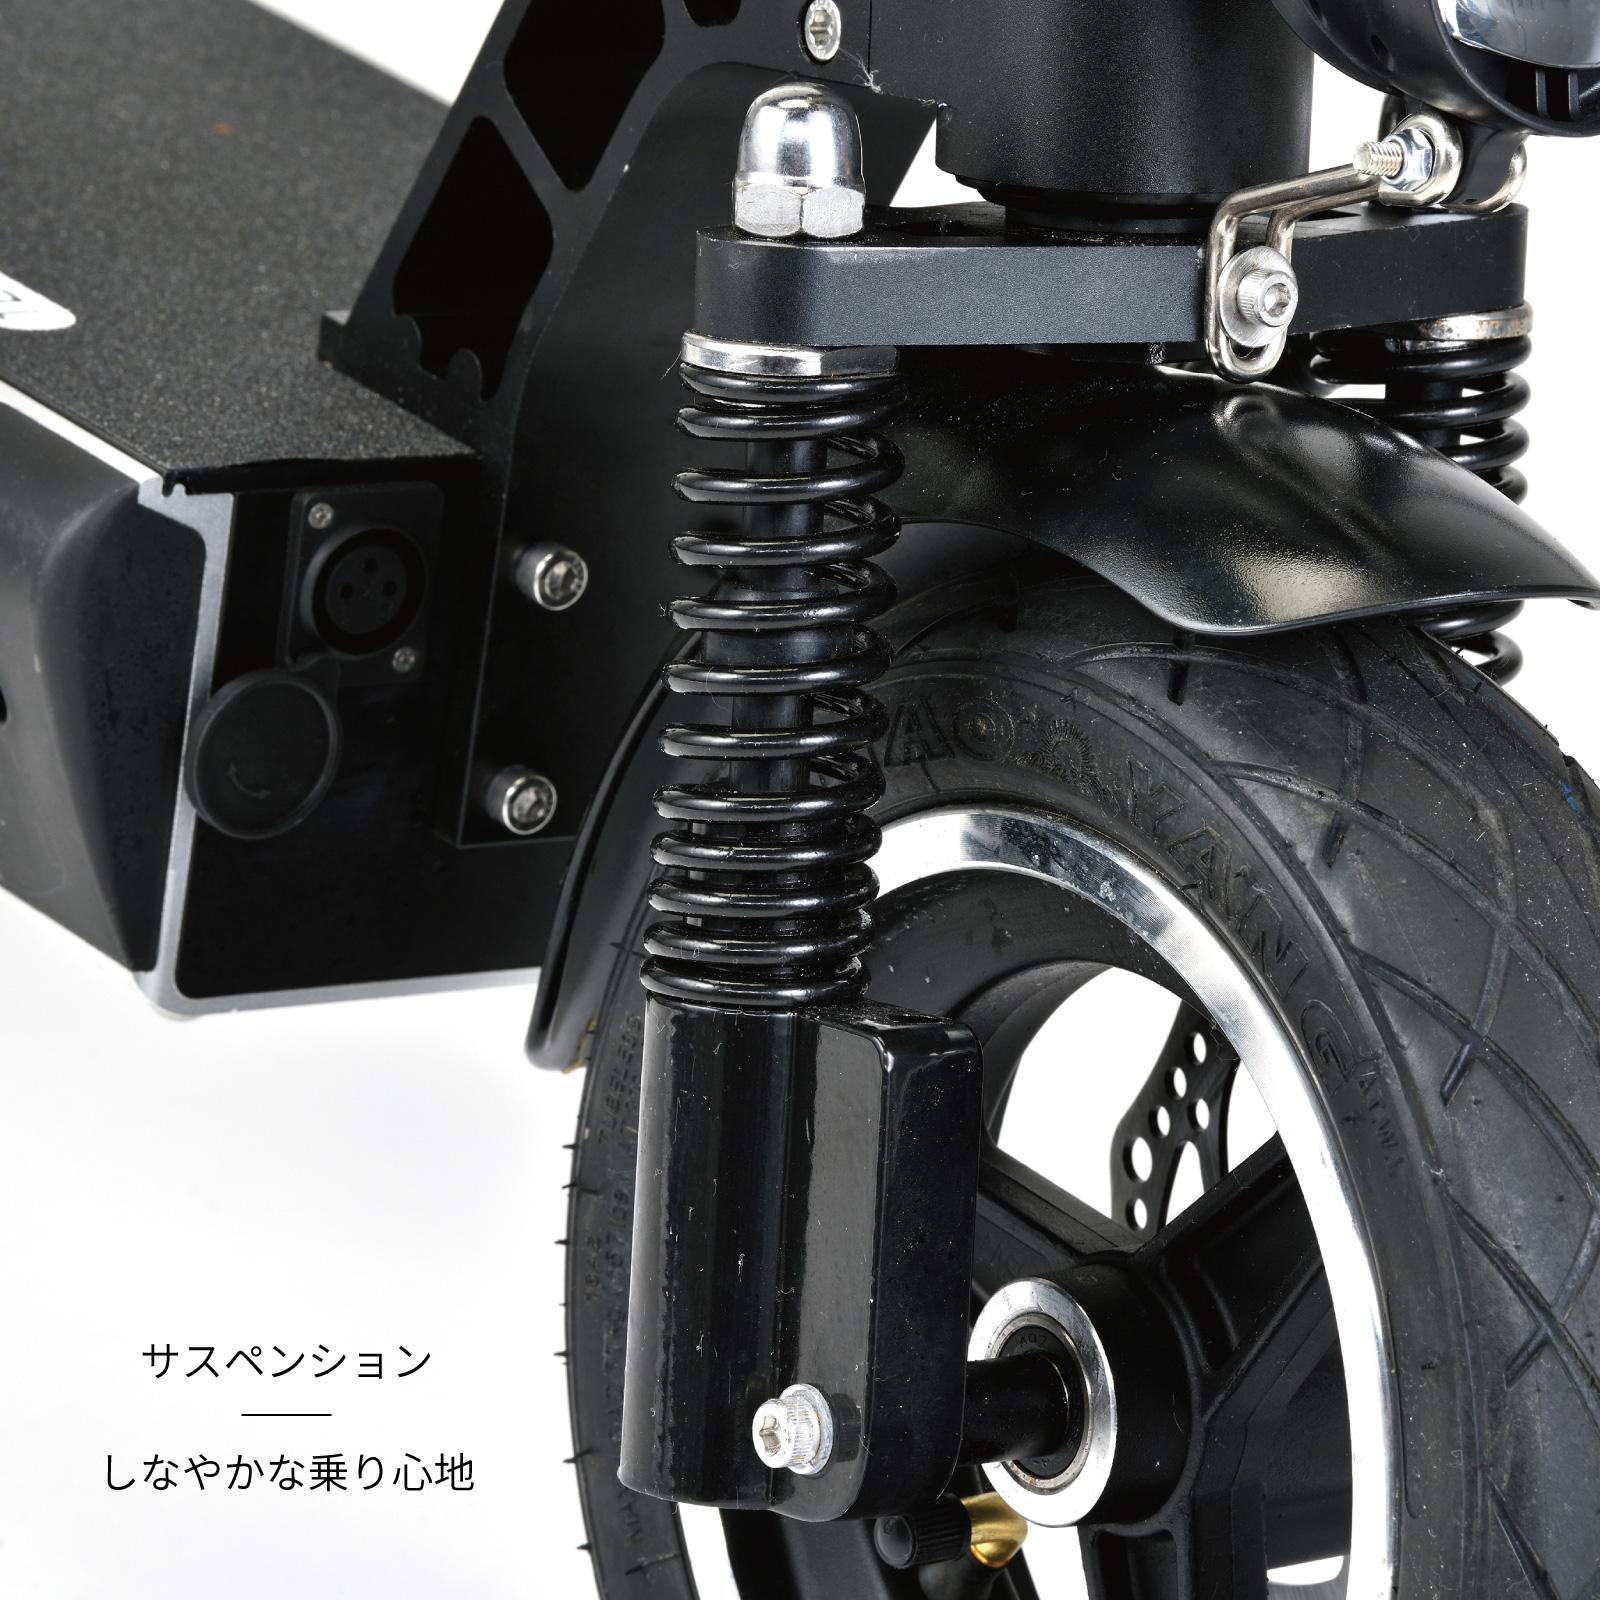 COSWHEEL EV SCOOTER 新カラーリリース 次世代型折り畳み式電動キックボード 公道仕様2WAY乗りEVスクーター 公道走行可 ナンバー取得可能 大容量バッテリー搭載 6カラー